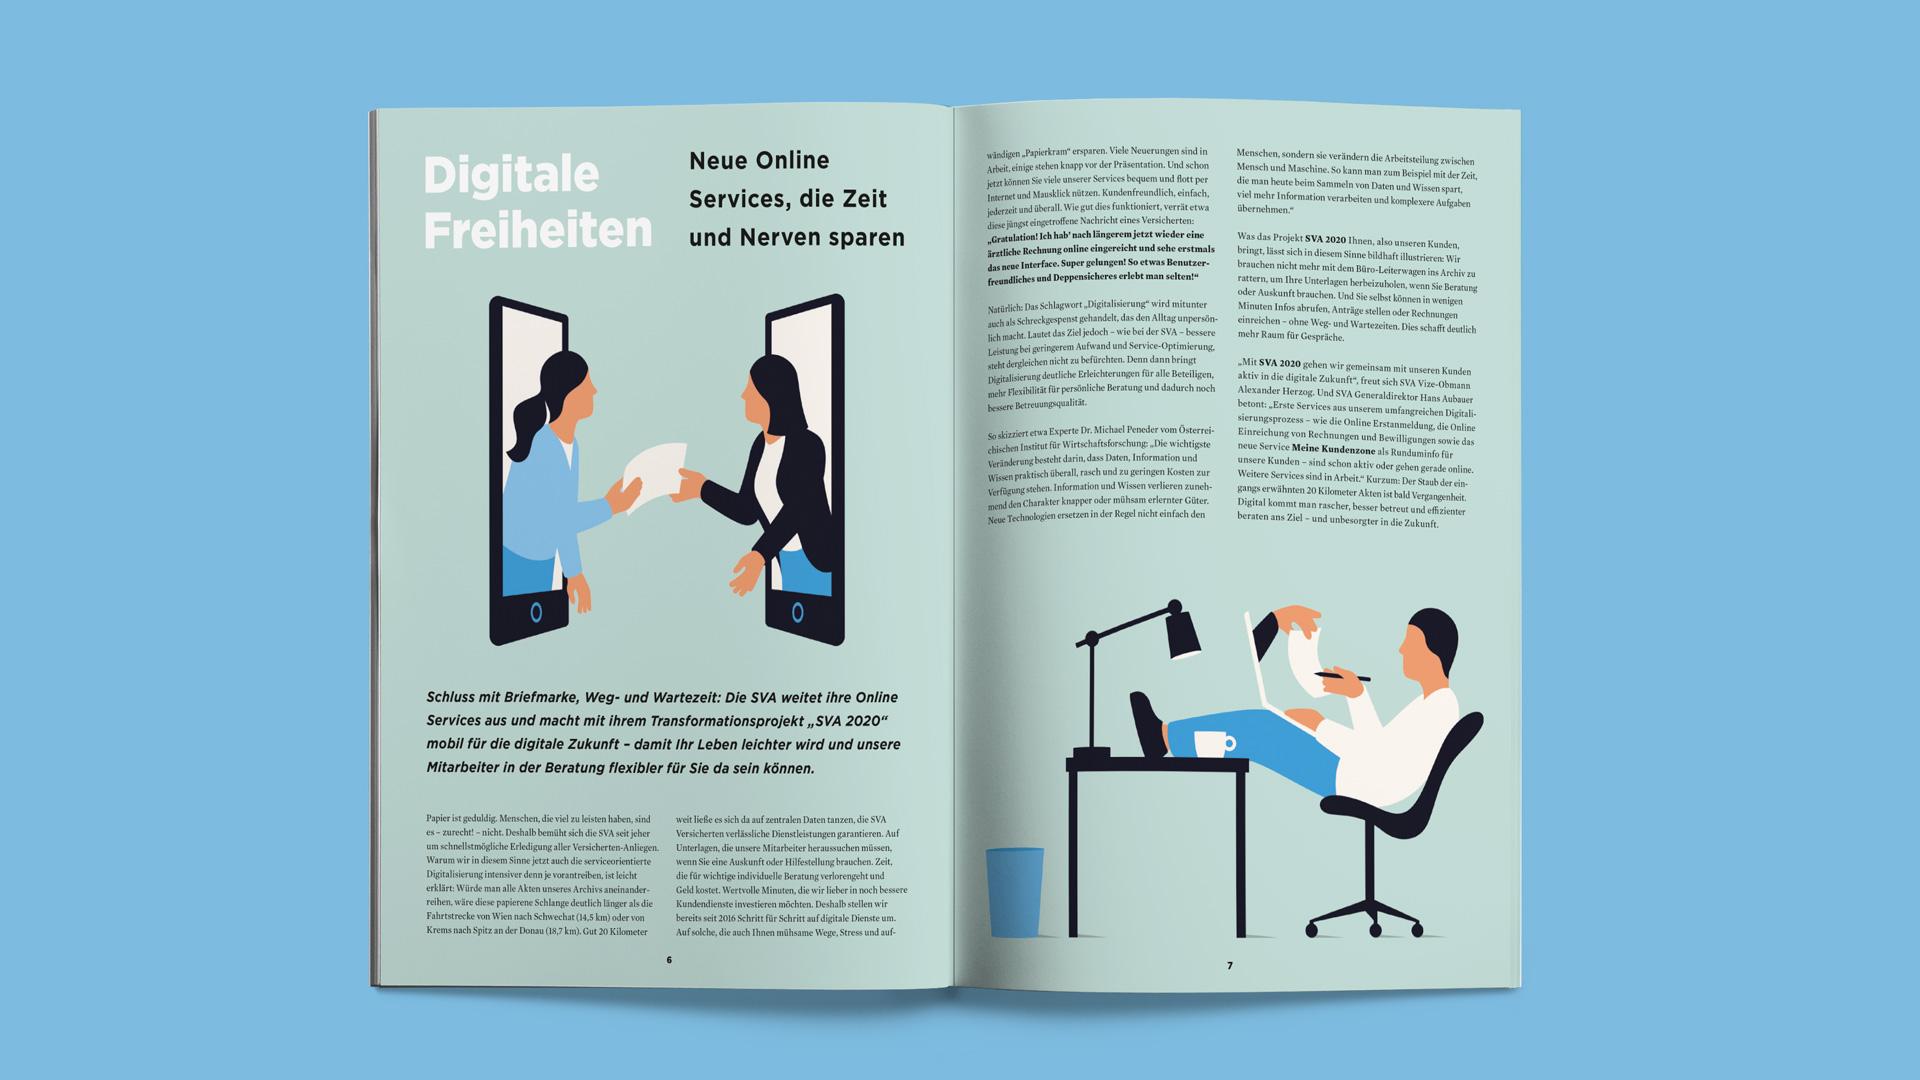 SVA Magazin – Digitale Freiheiten